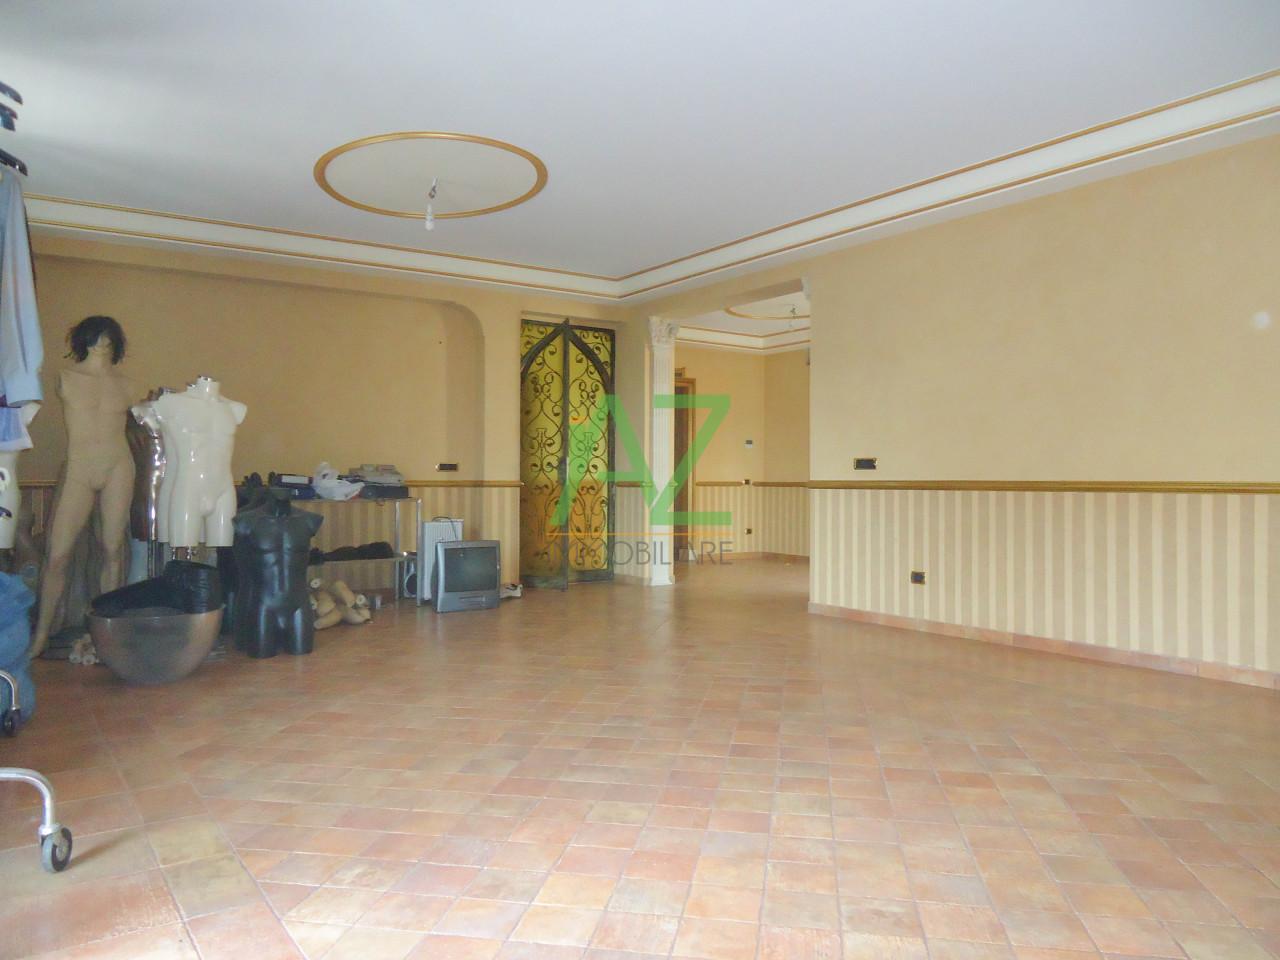 Appartamento in vendita a Aci Catena, 3 locali, prezzo € 115.000 | Cambio Casa.it